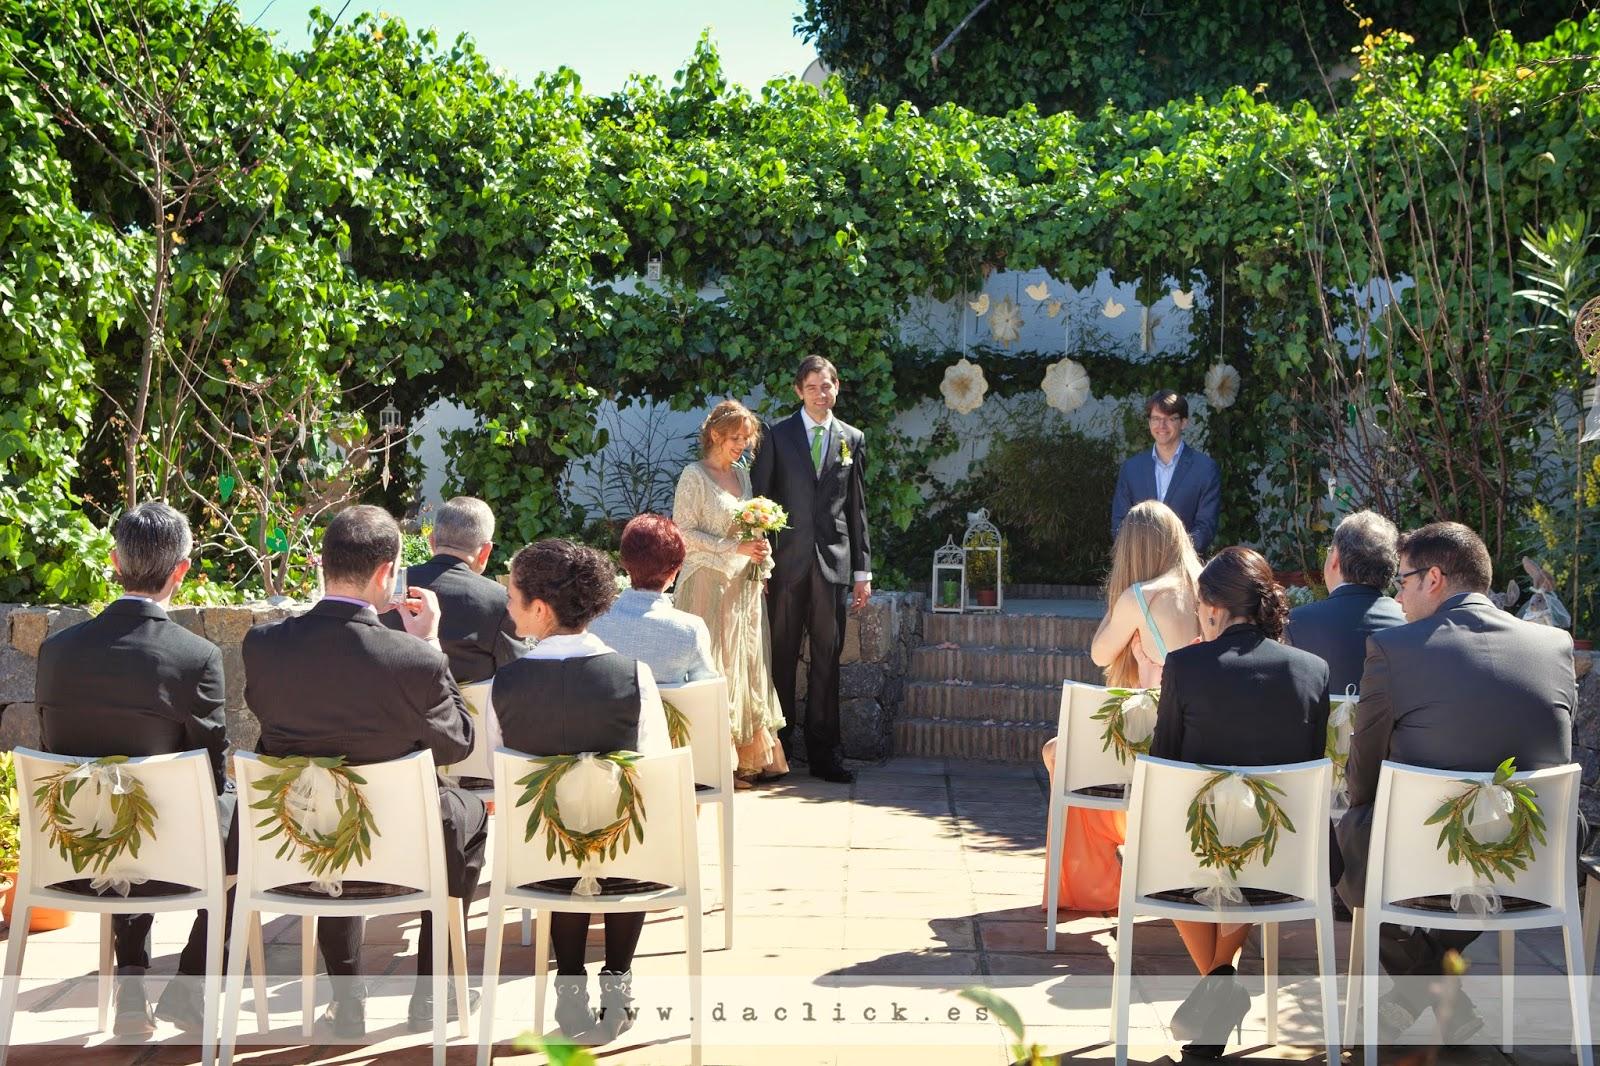 vista de la ceremonia por detrás